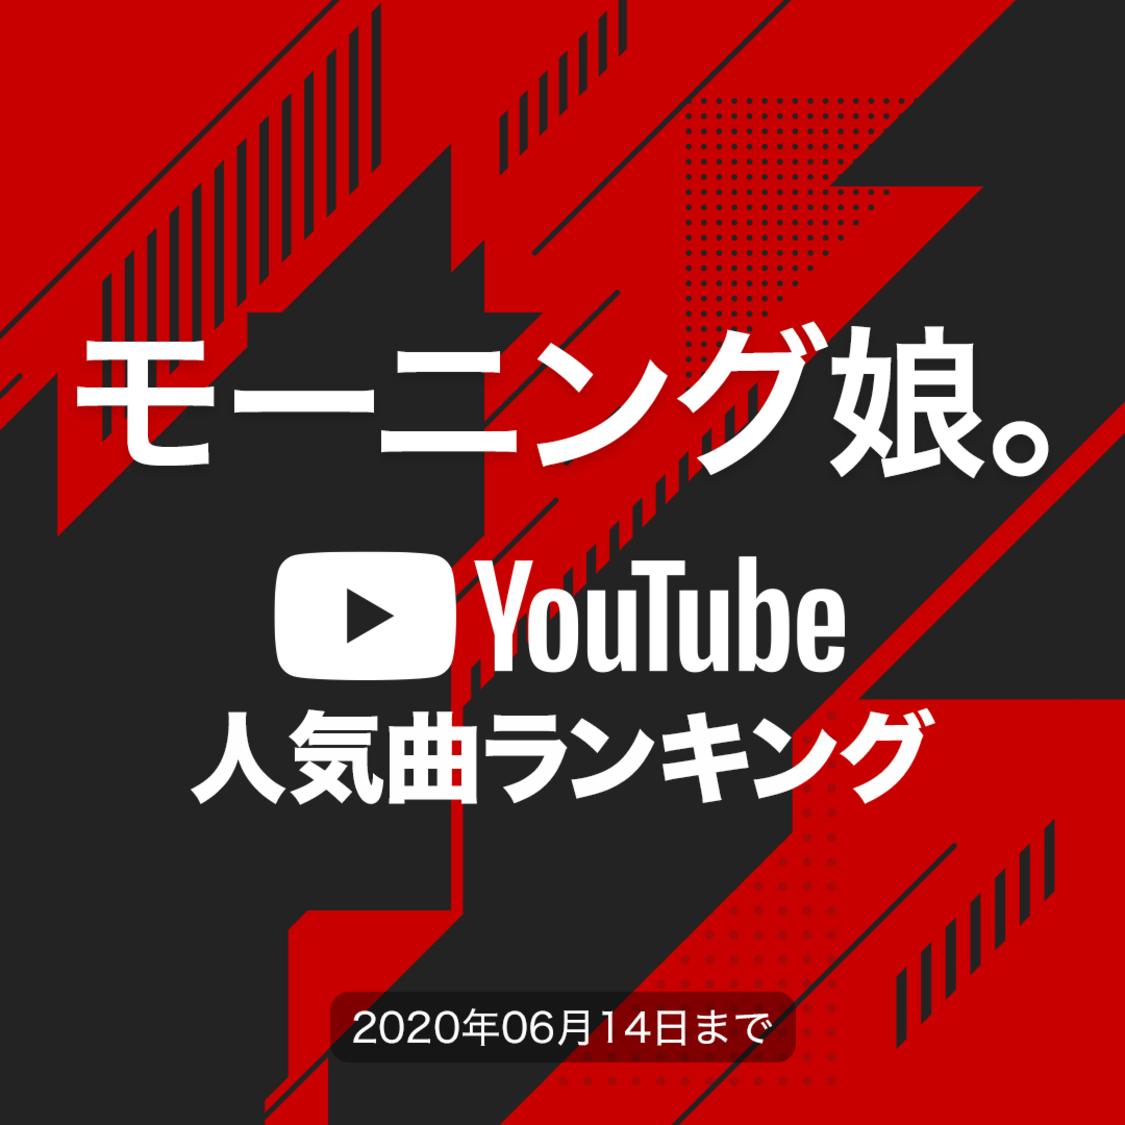 モーニング娘。[YouTube人気曲ランキング]再生回数が1番多い曲は?